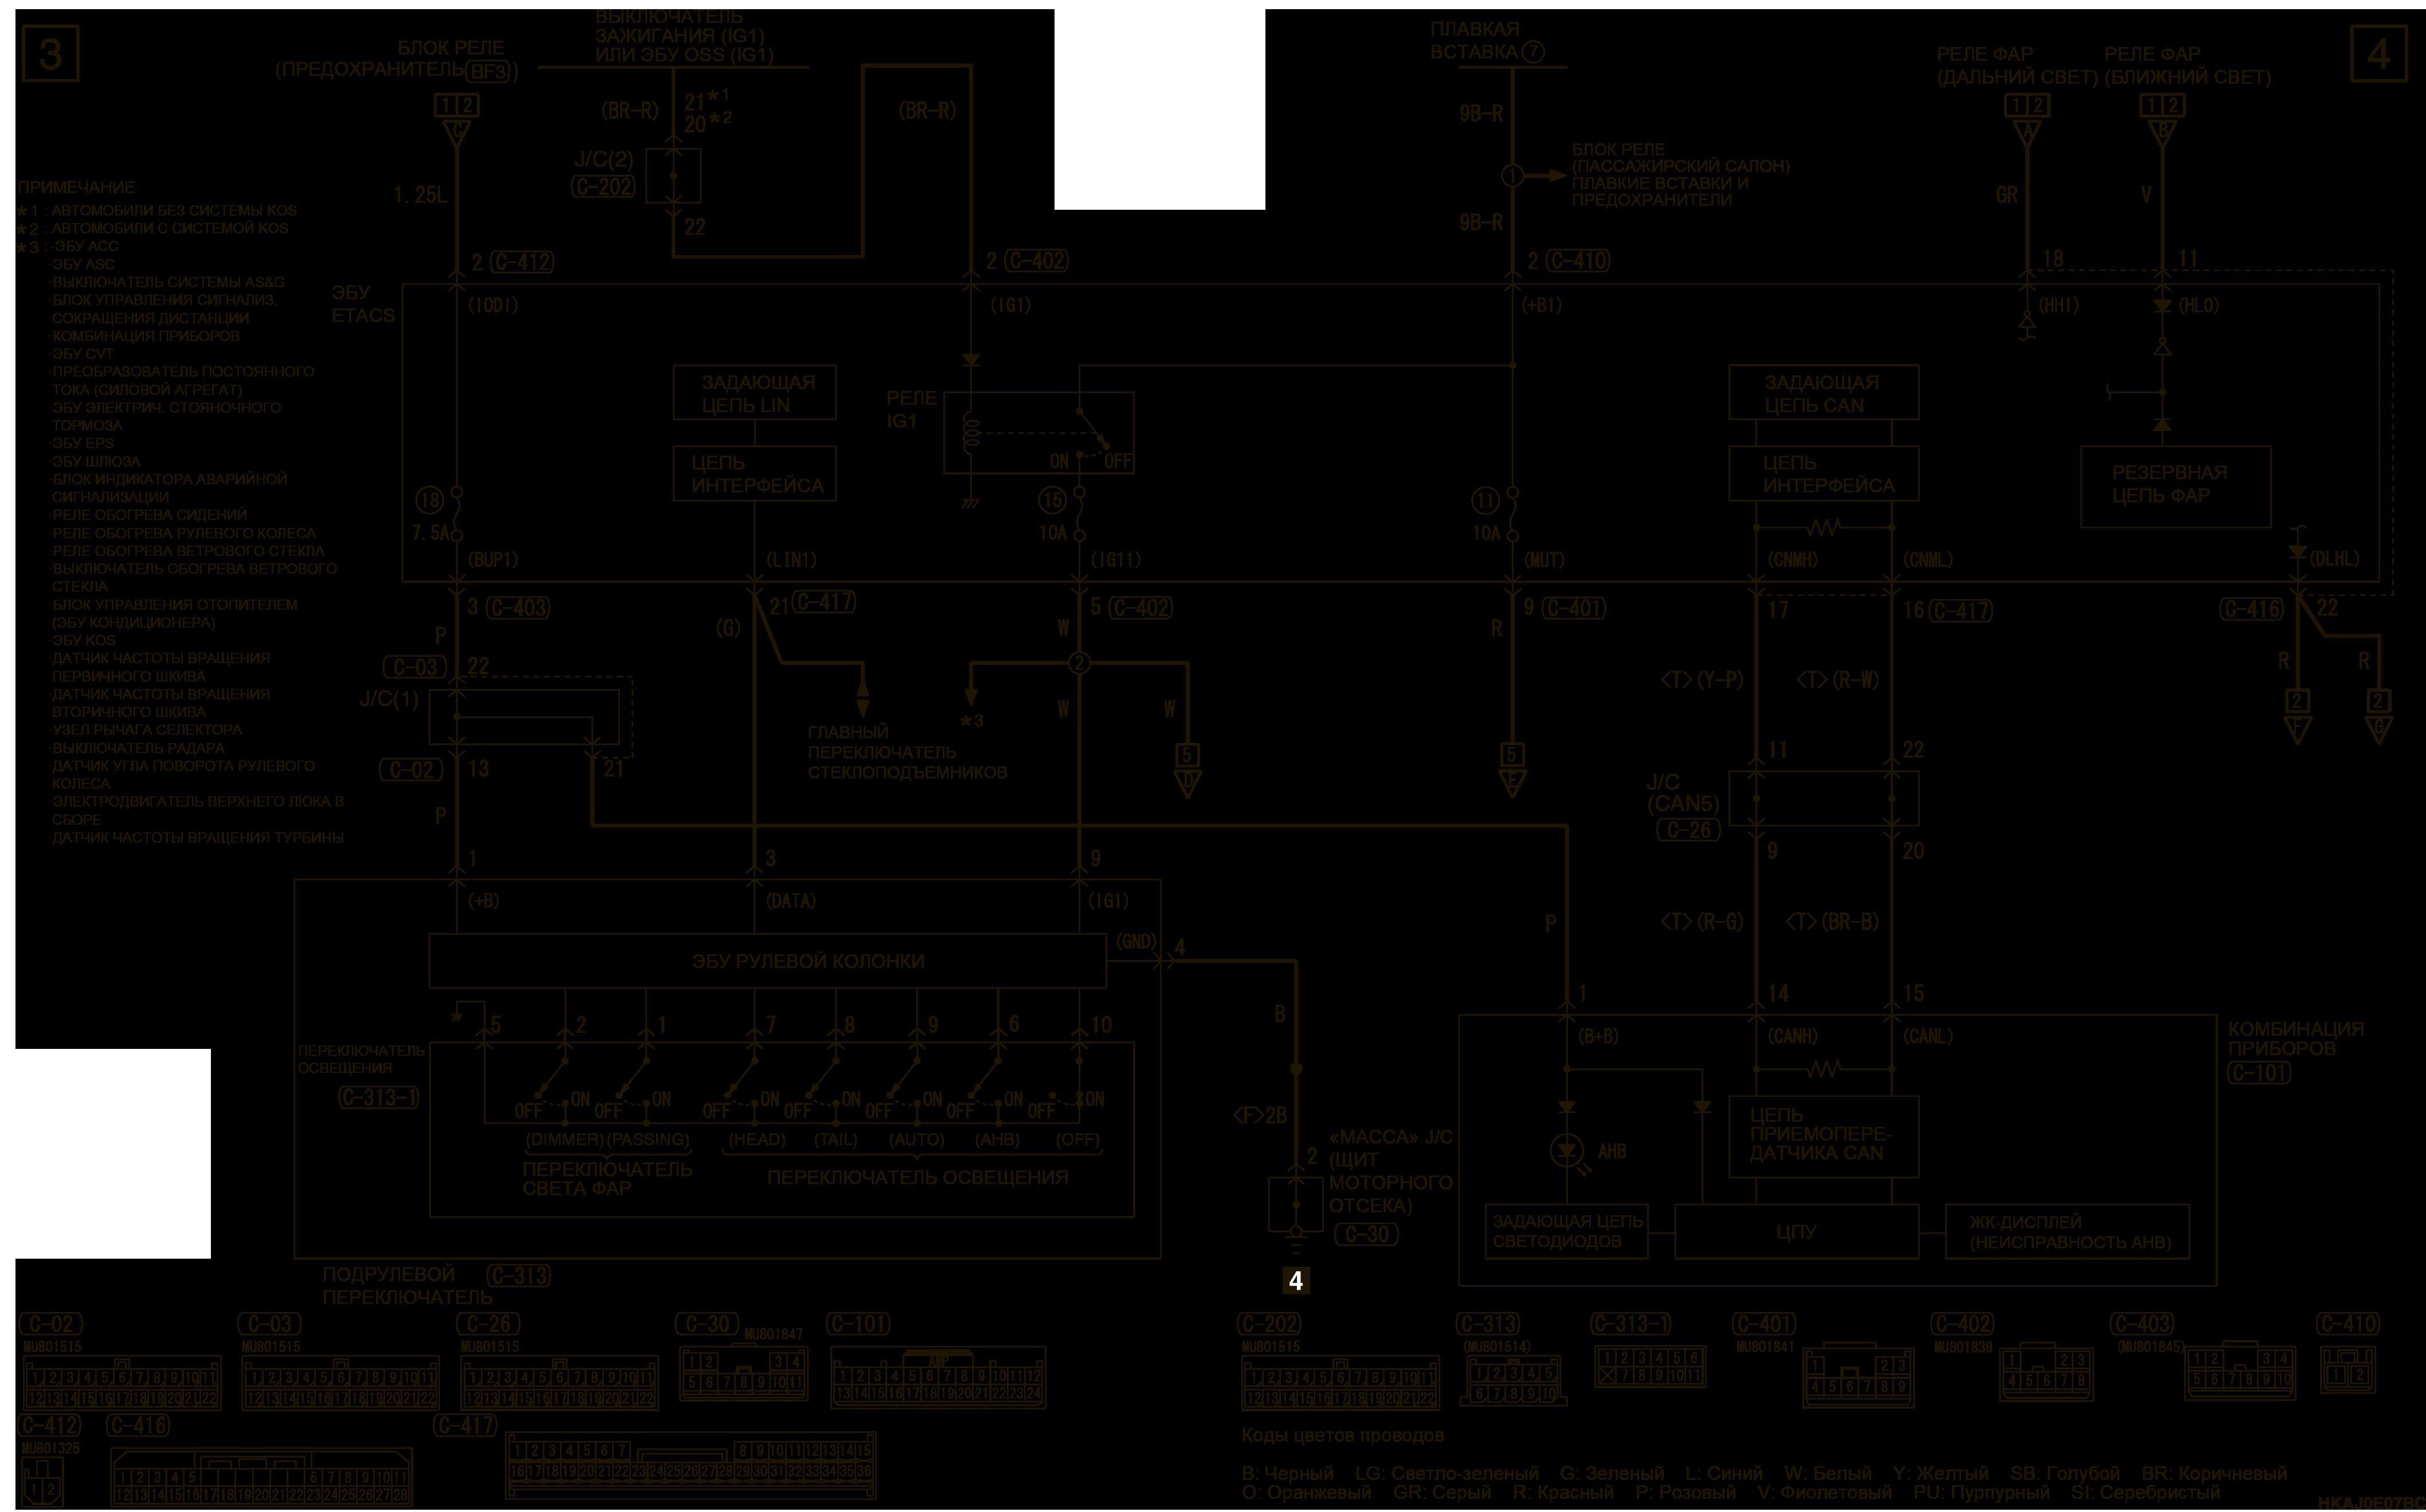 mmc аутлендер 3 2019 электросхемаСИСТЕМА АВТОМАТИЧЕСКОГО ПЕРЕКЛЮЧЕНИЯ ДАЛЬНЕГО СВЕТА ЛЕВОСТОРОННЕЕ УПРАВЛЕНИЕ